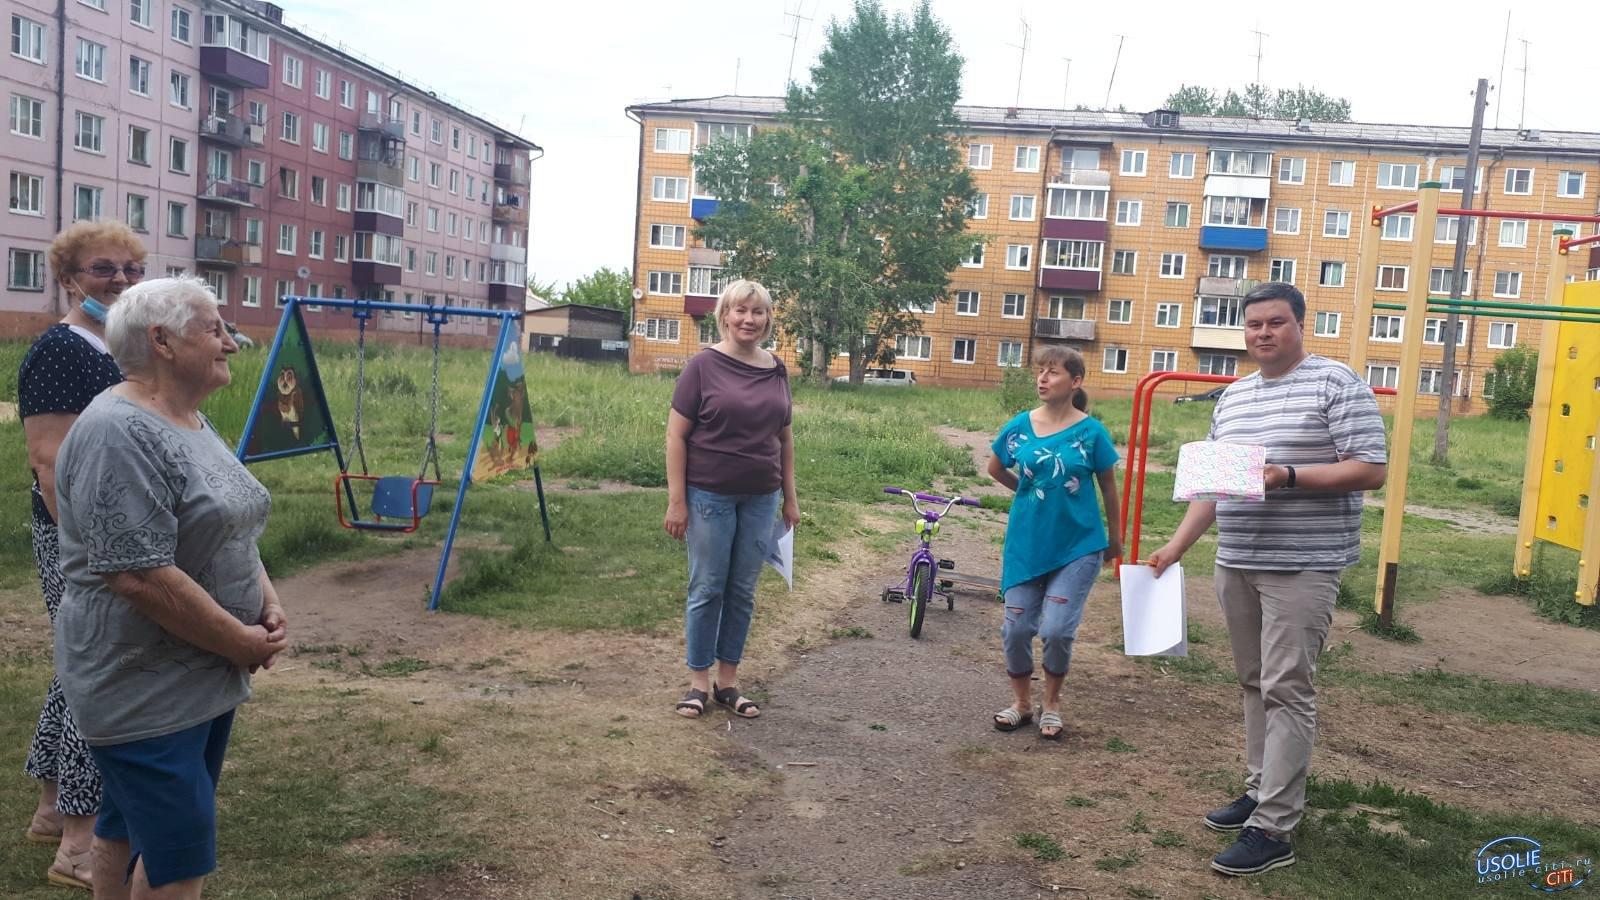 Вадим Кучаров: Уже пора планировать благоустройство на следующий год